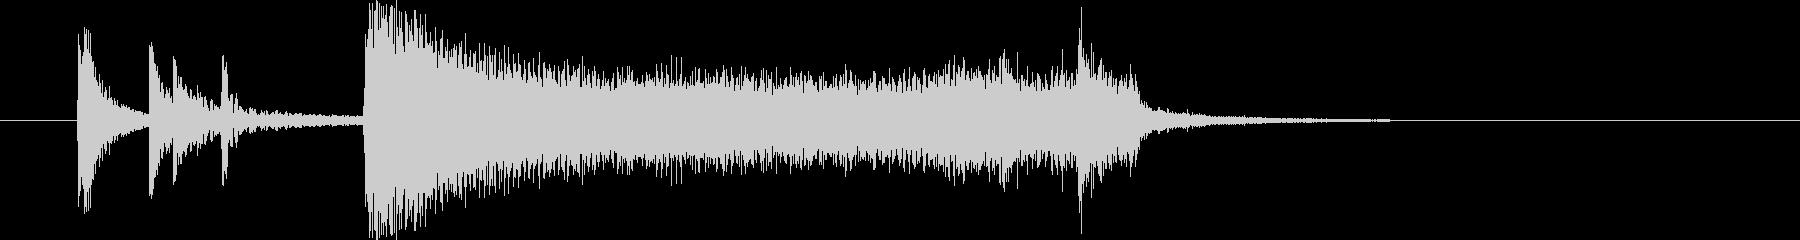 ビッグバンド生演奏的定番アタックBb69の未再生の波形